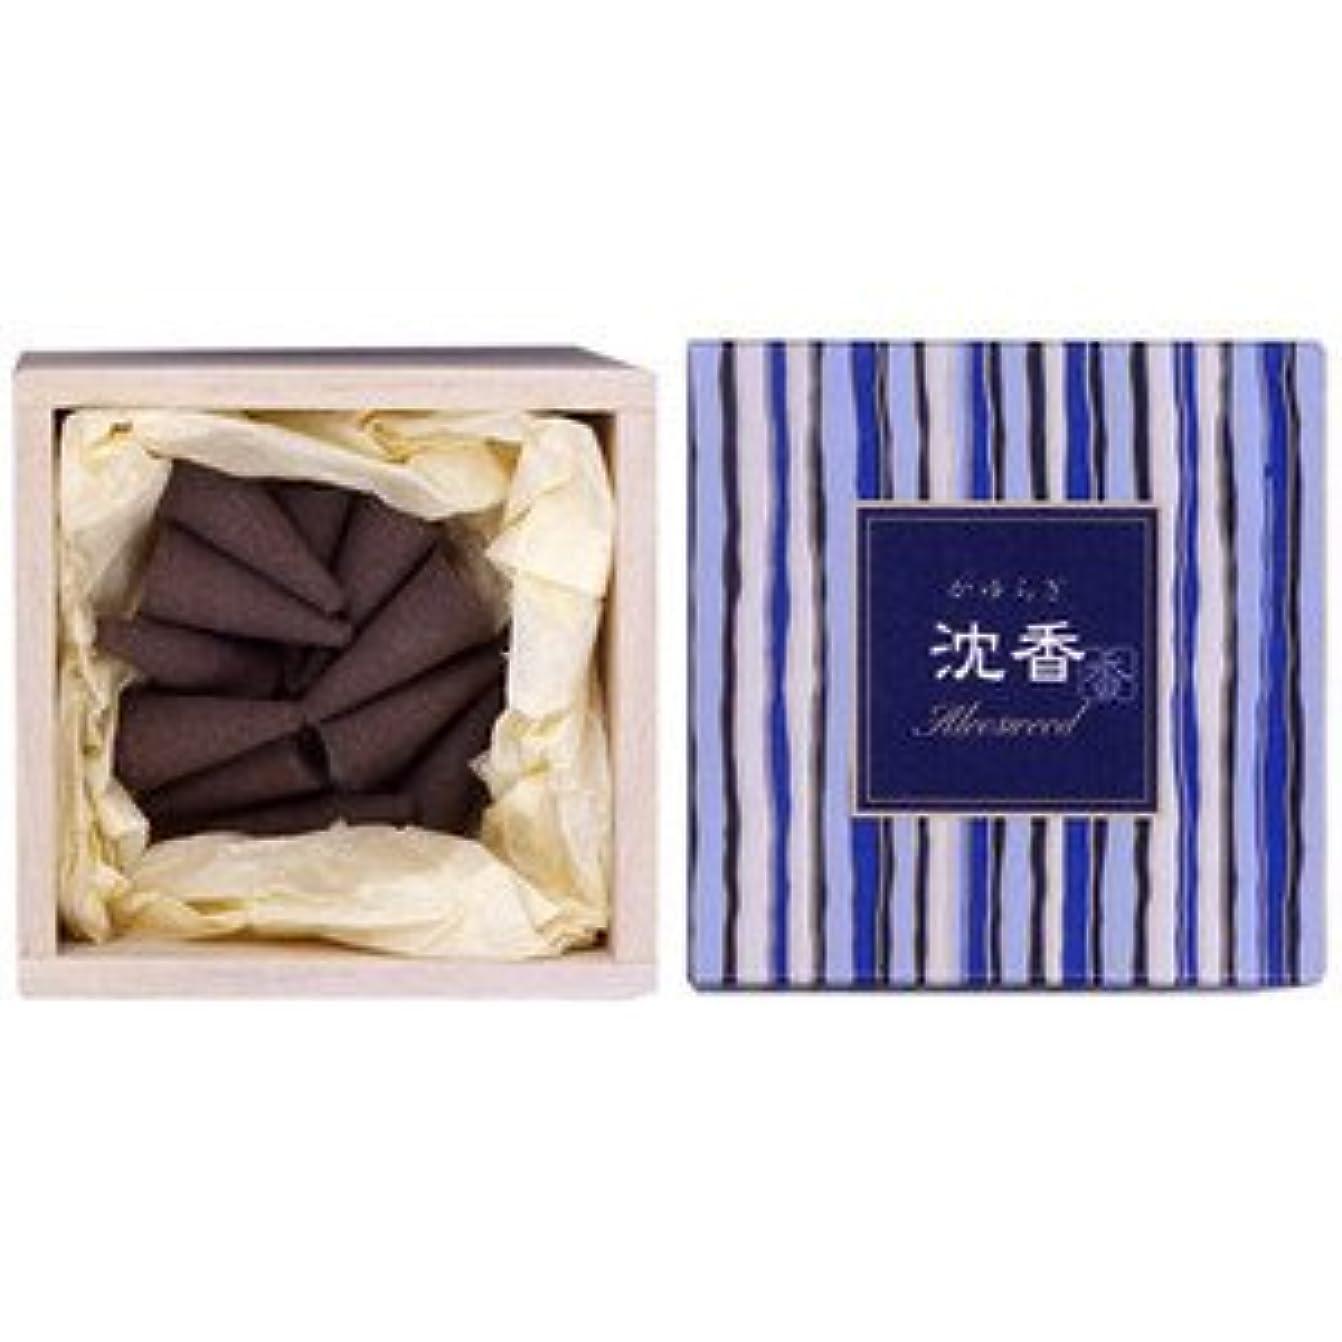 締め切り届けるストレスの多い日本香堂 かゆらぎコーン 沈香